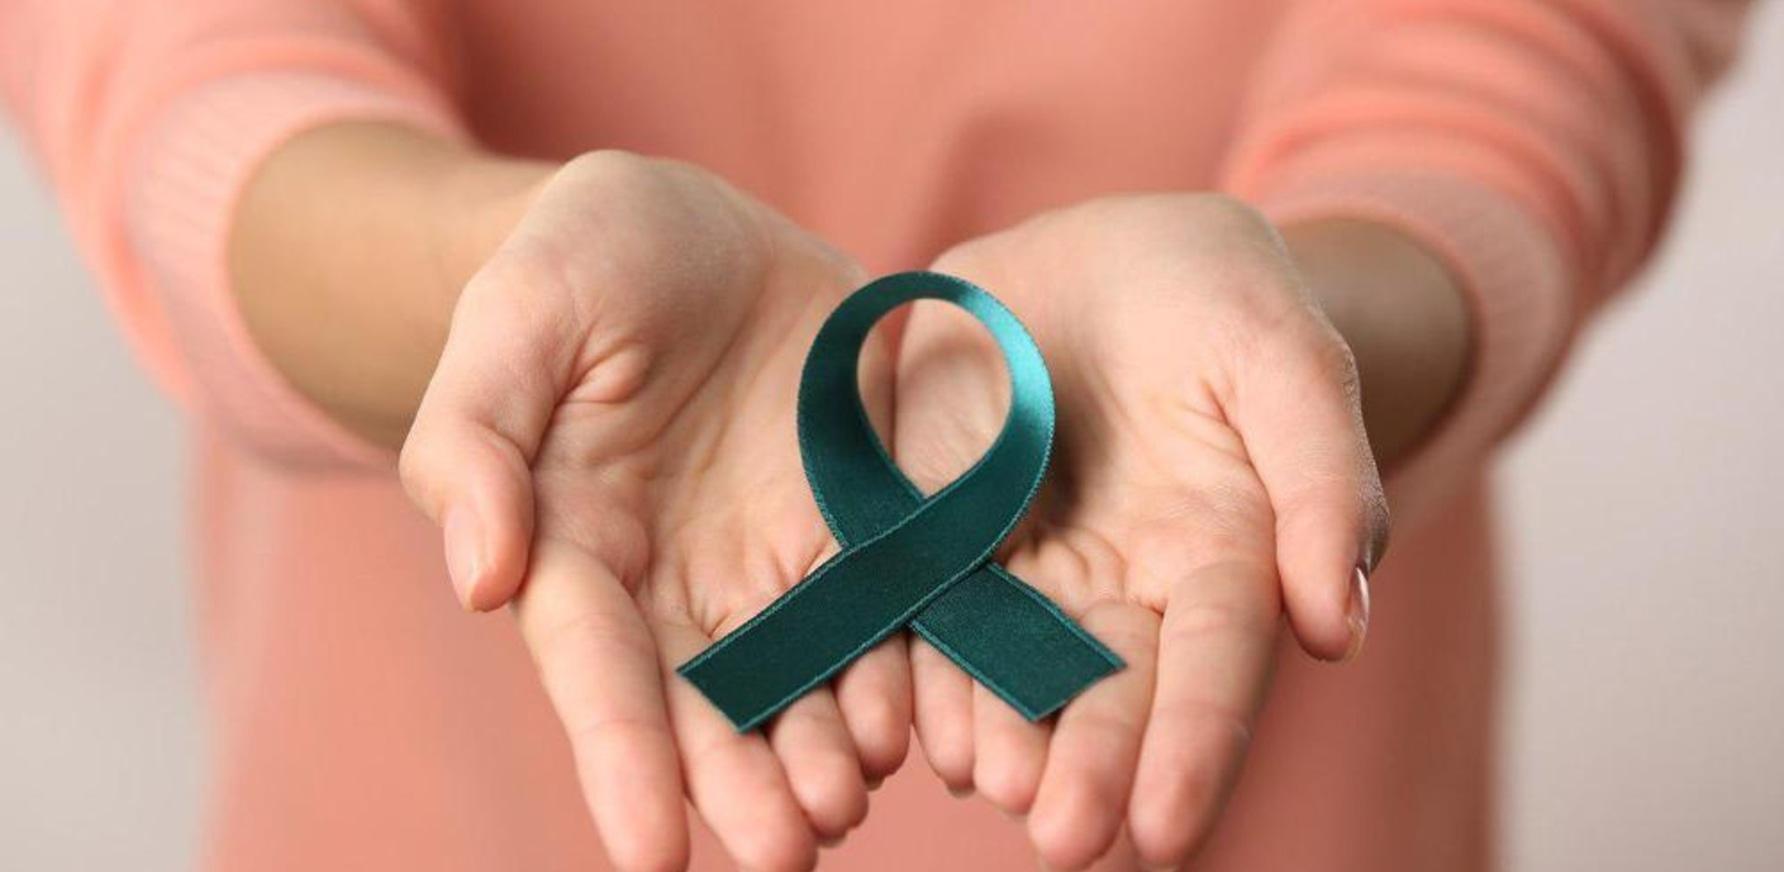 Диагностика и лечение рака шейки матки